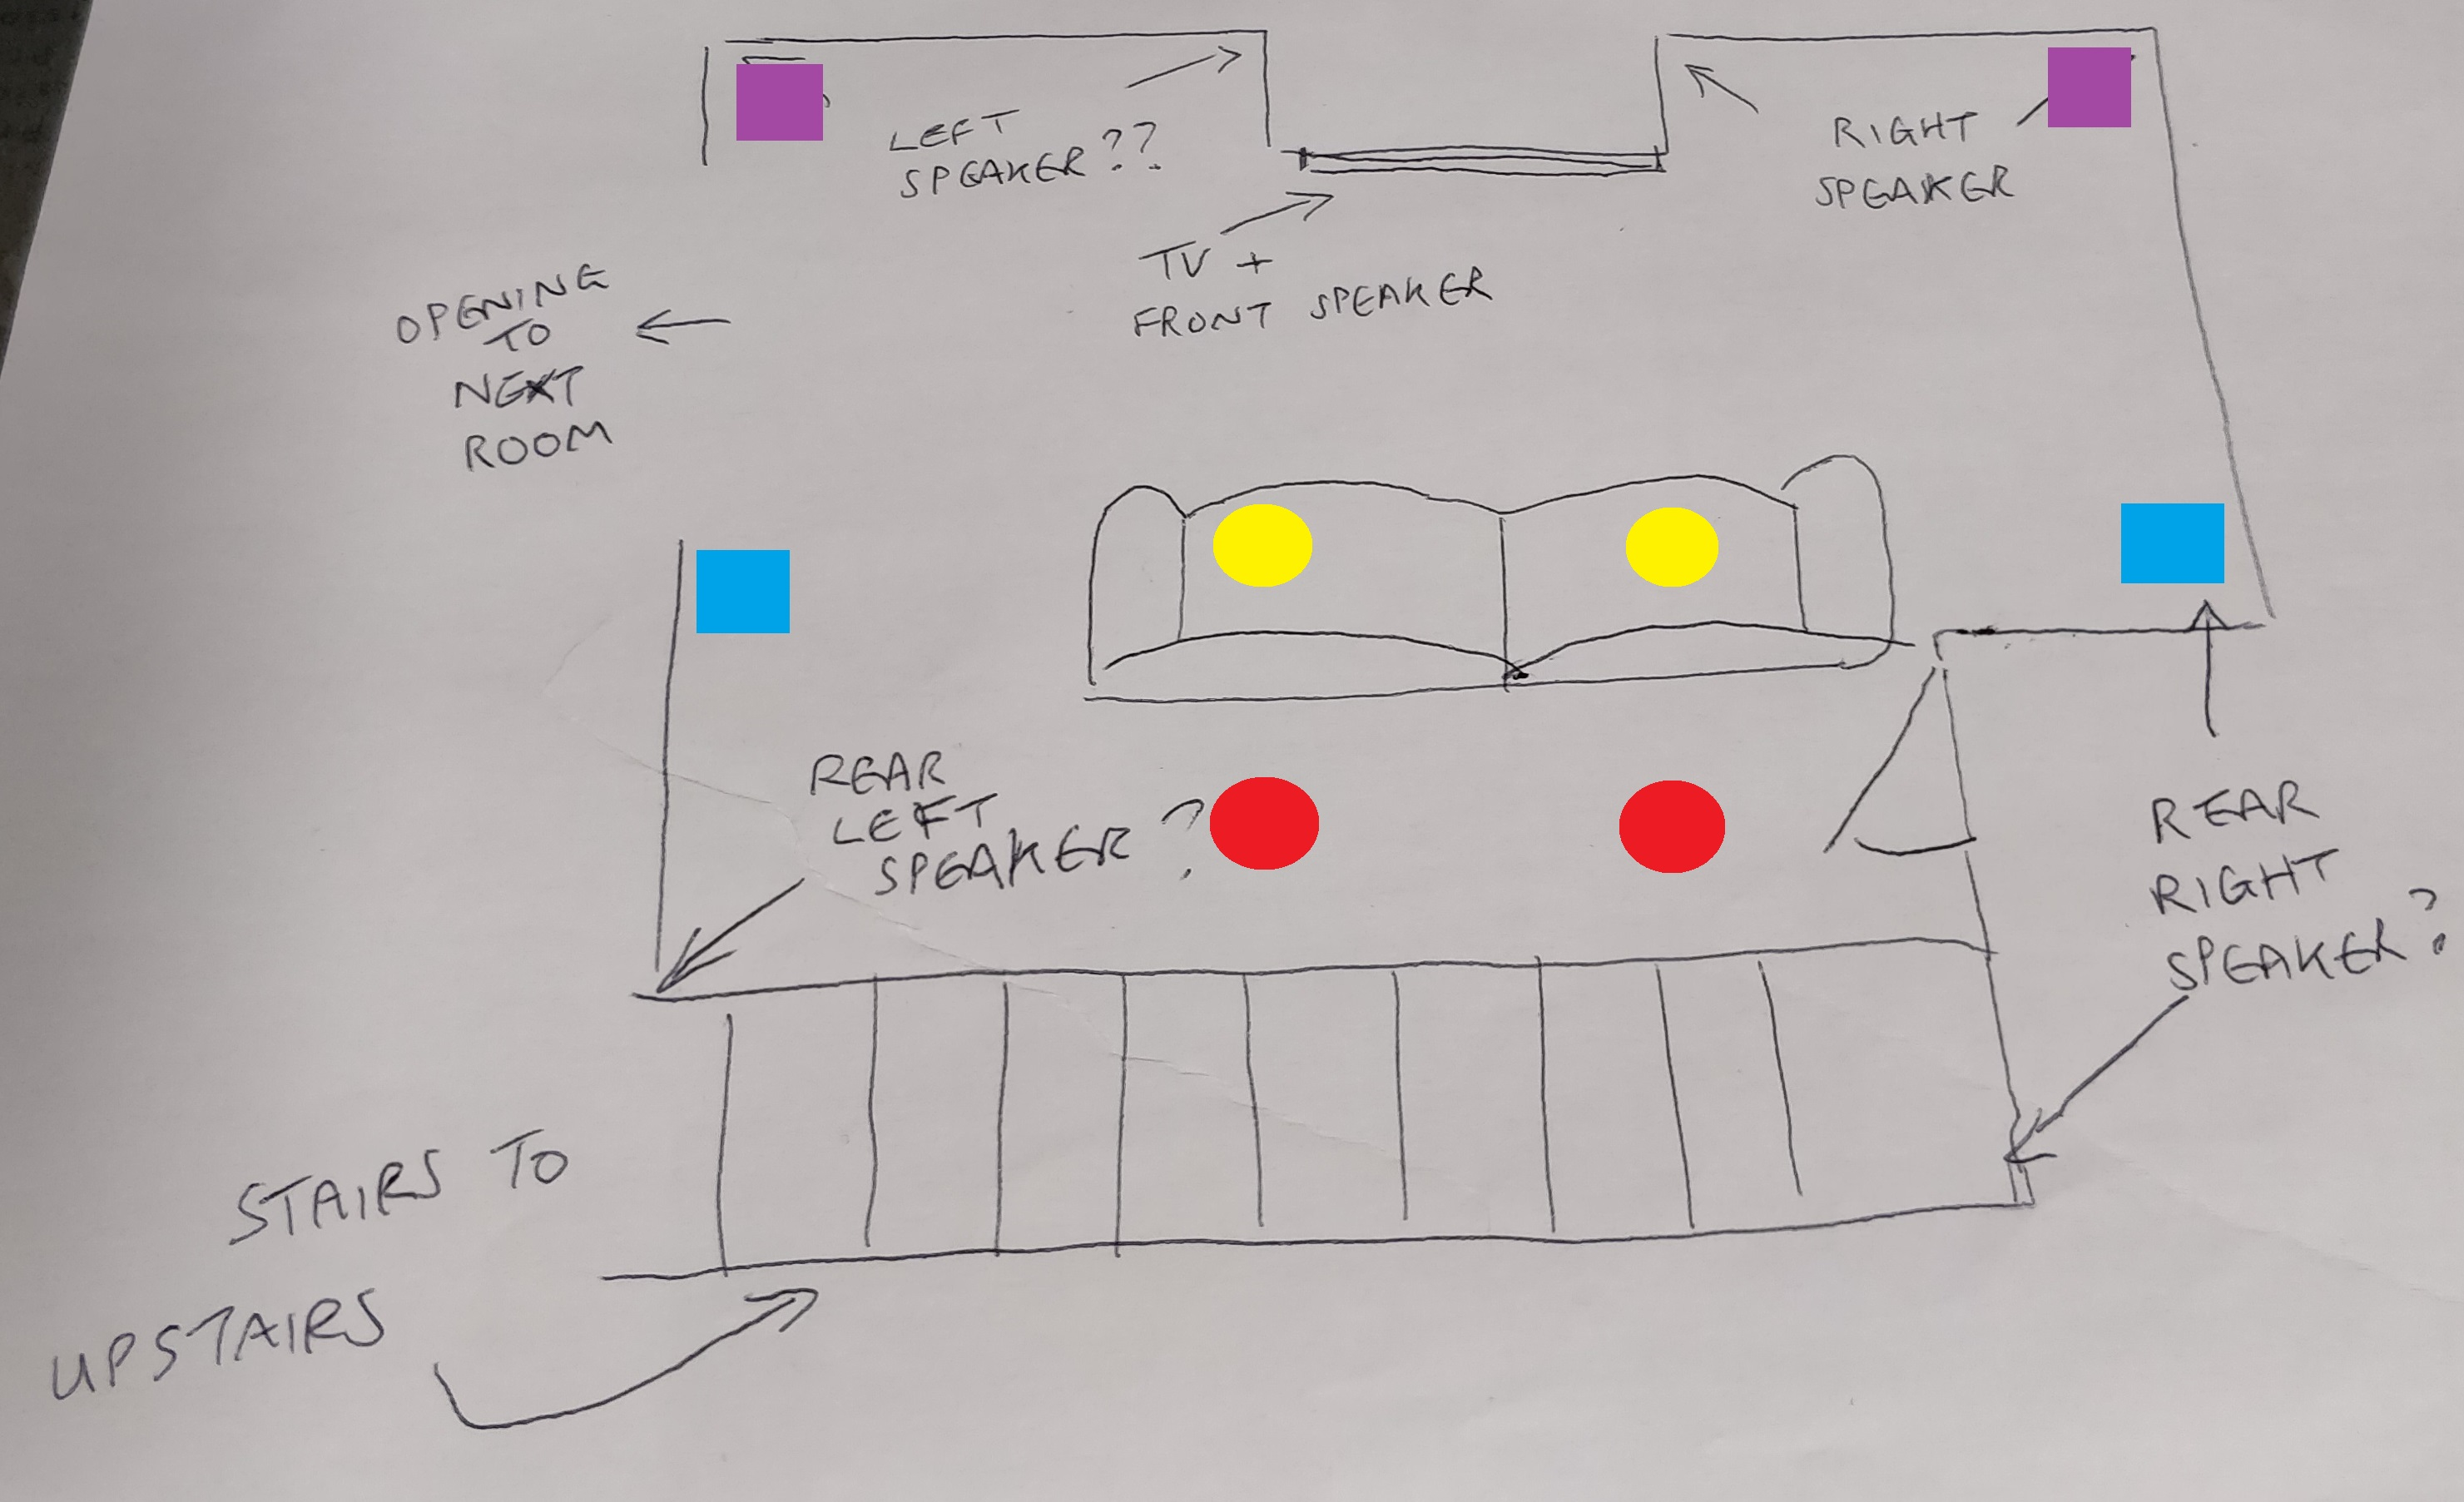 speaker_setup.jpg